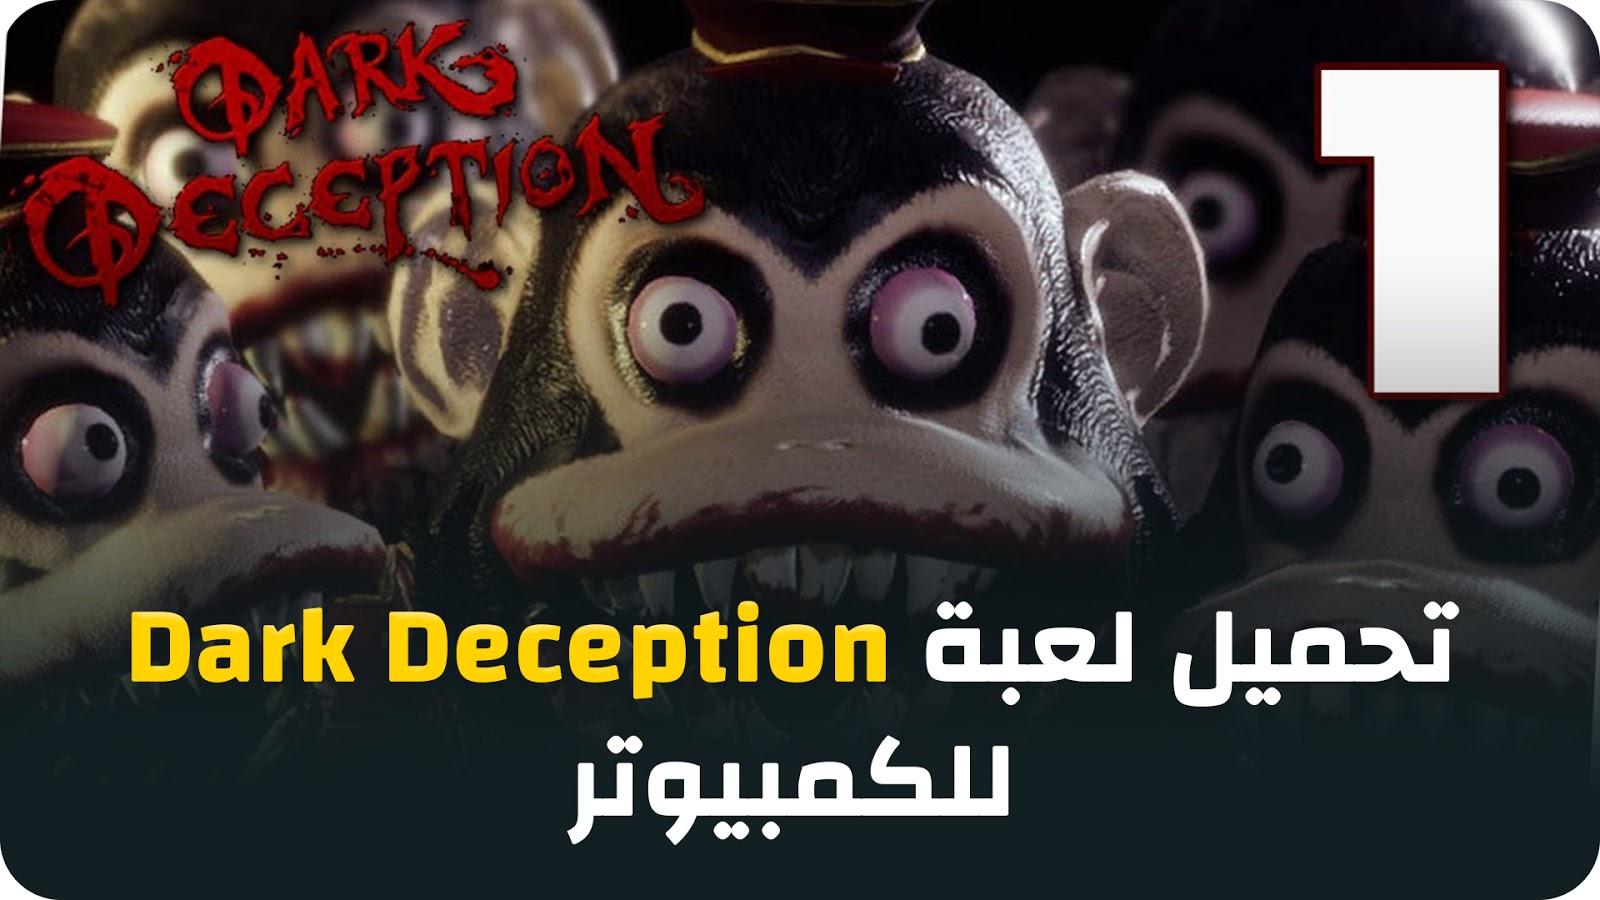 تحميل لعبة dark deception